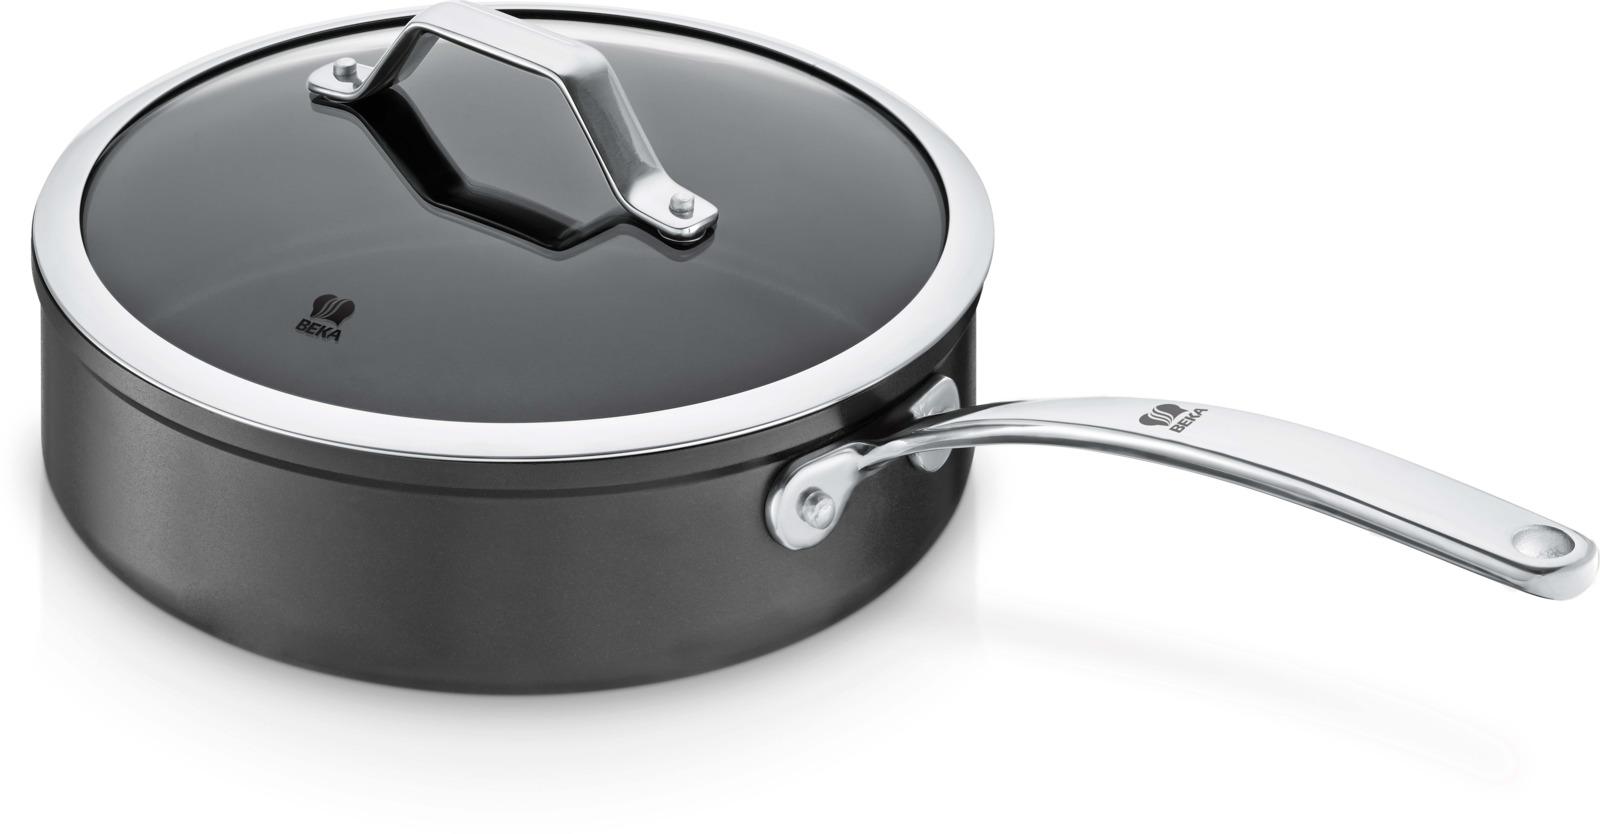 Сковорода Beka Titan, с антипригарным покрытием, цвет: черный. Диаметр 24 см. 1324413244Прочный кованый алюминиевый корпус с высококачественным покрытием обеспечивает превосходную теплопроводность. Отличная теплопроводность - дно изготовлено по технологии «Full induction». Толщина корпуса - 2,3 мм, толщина дна - 5 мм. 3-слойное антипригарное покрытие Bekadur Dualforce (тефлон и керамика) - непревзойденные антипригарные свойства и прочность. 100% безопасность - покрытие не содержит перфтороктановую кислоту (ПФОК).Кованый корпус из высококачественного алюминия - высокая теплопроводность, позволяющая экономить энергию и время. Надежная клепаная ручка из нержавеющей стали. Прочная стеклянная крышка позволяет контролировать процесс приготовления. Совместимость: все типы варочных поверхностей, включая индукционные, а также духовка (до 180°С). Рекомендуется мыть вручную.